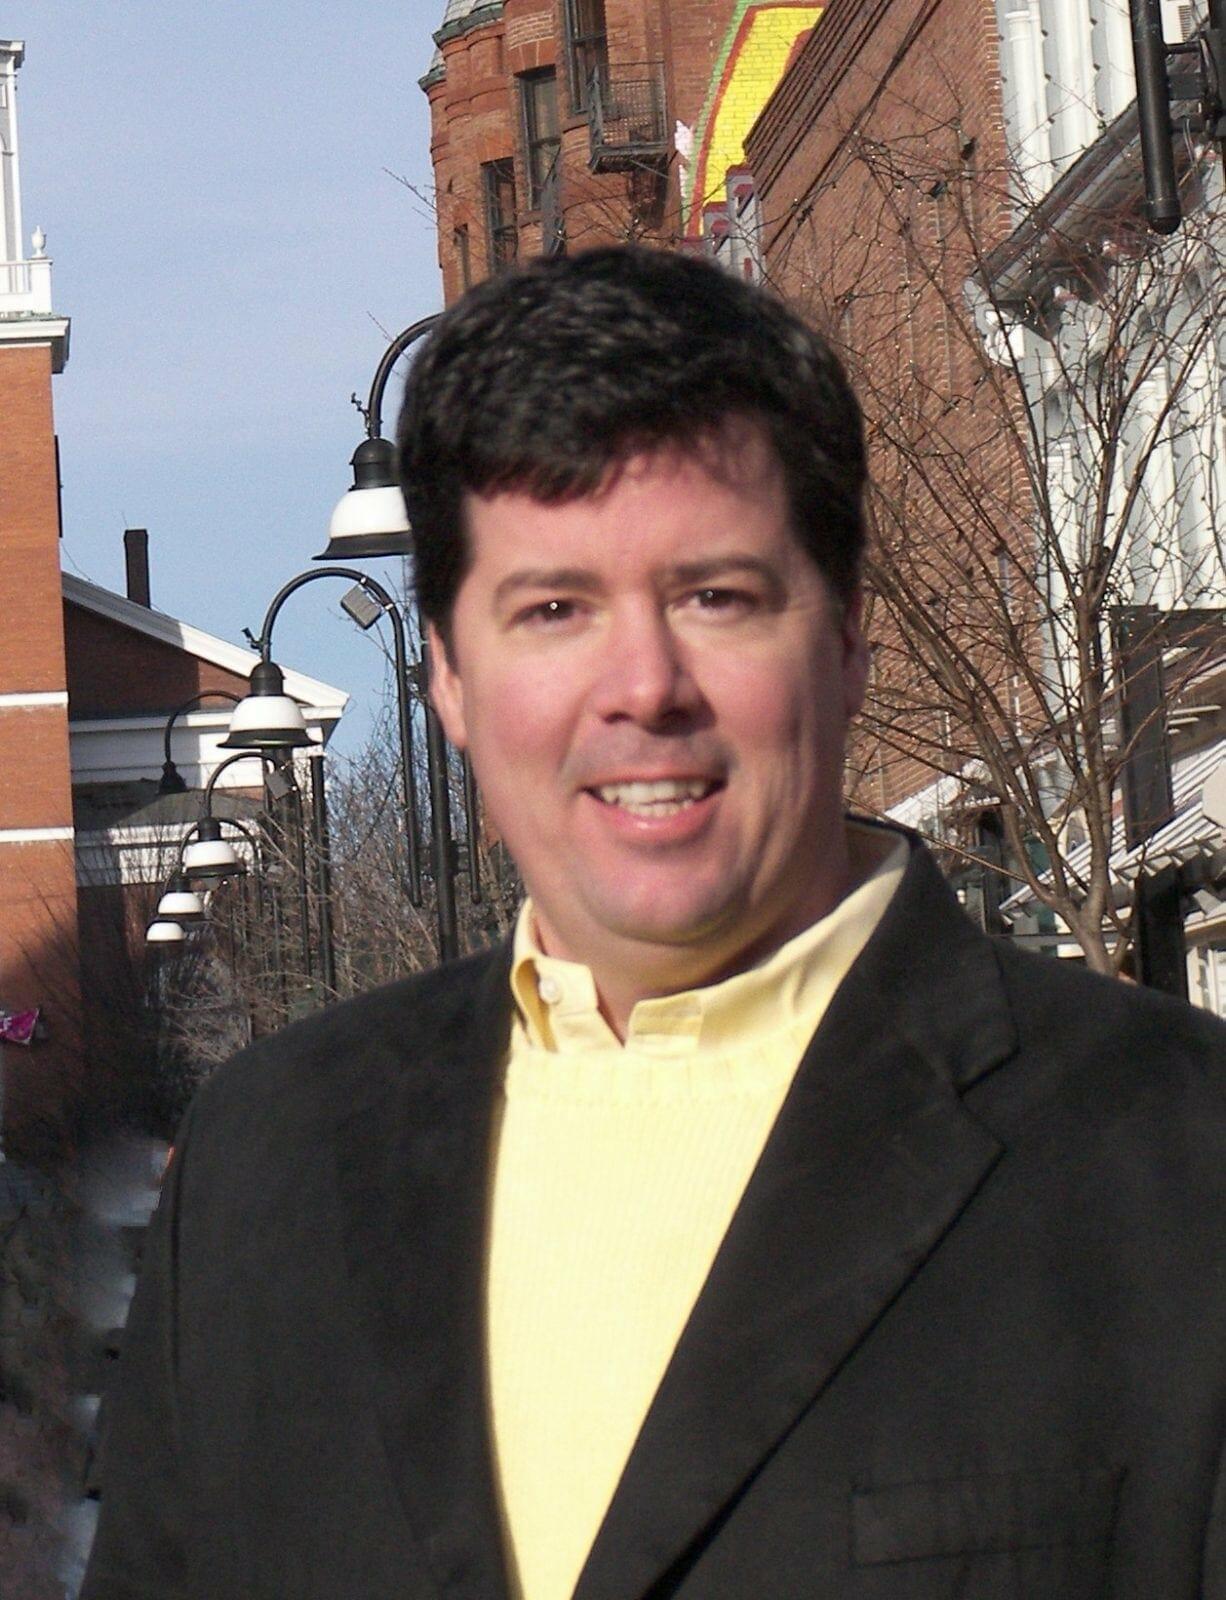 Matthew Kenney - President of Kenney College